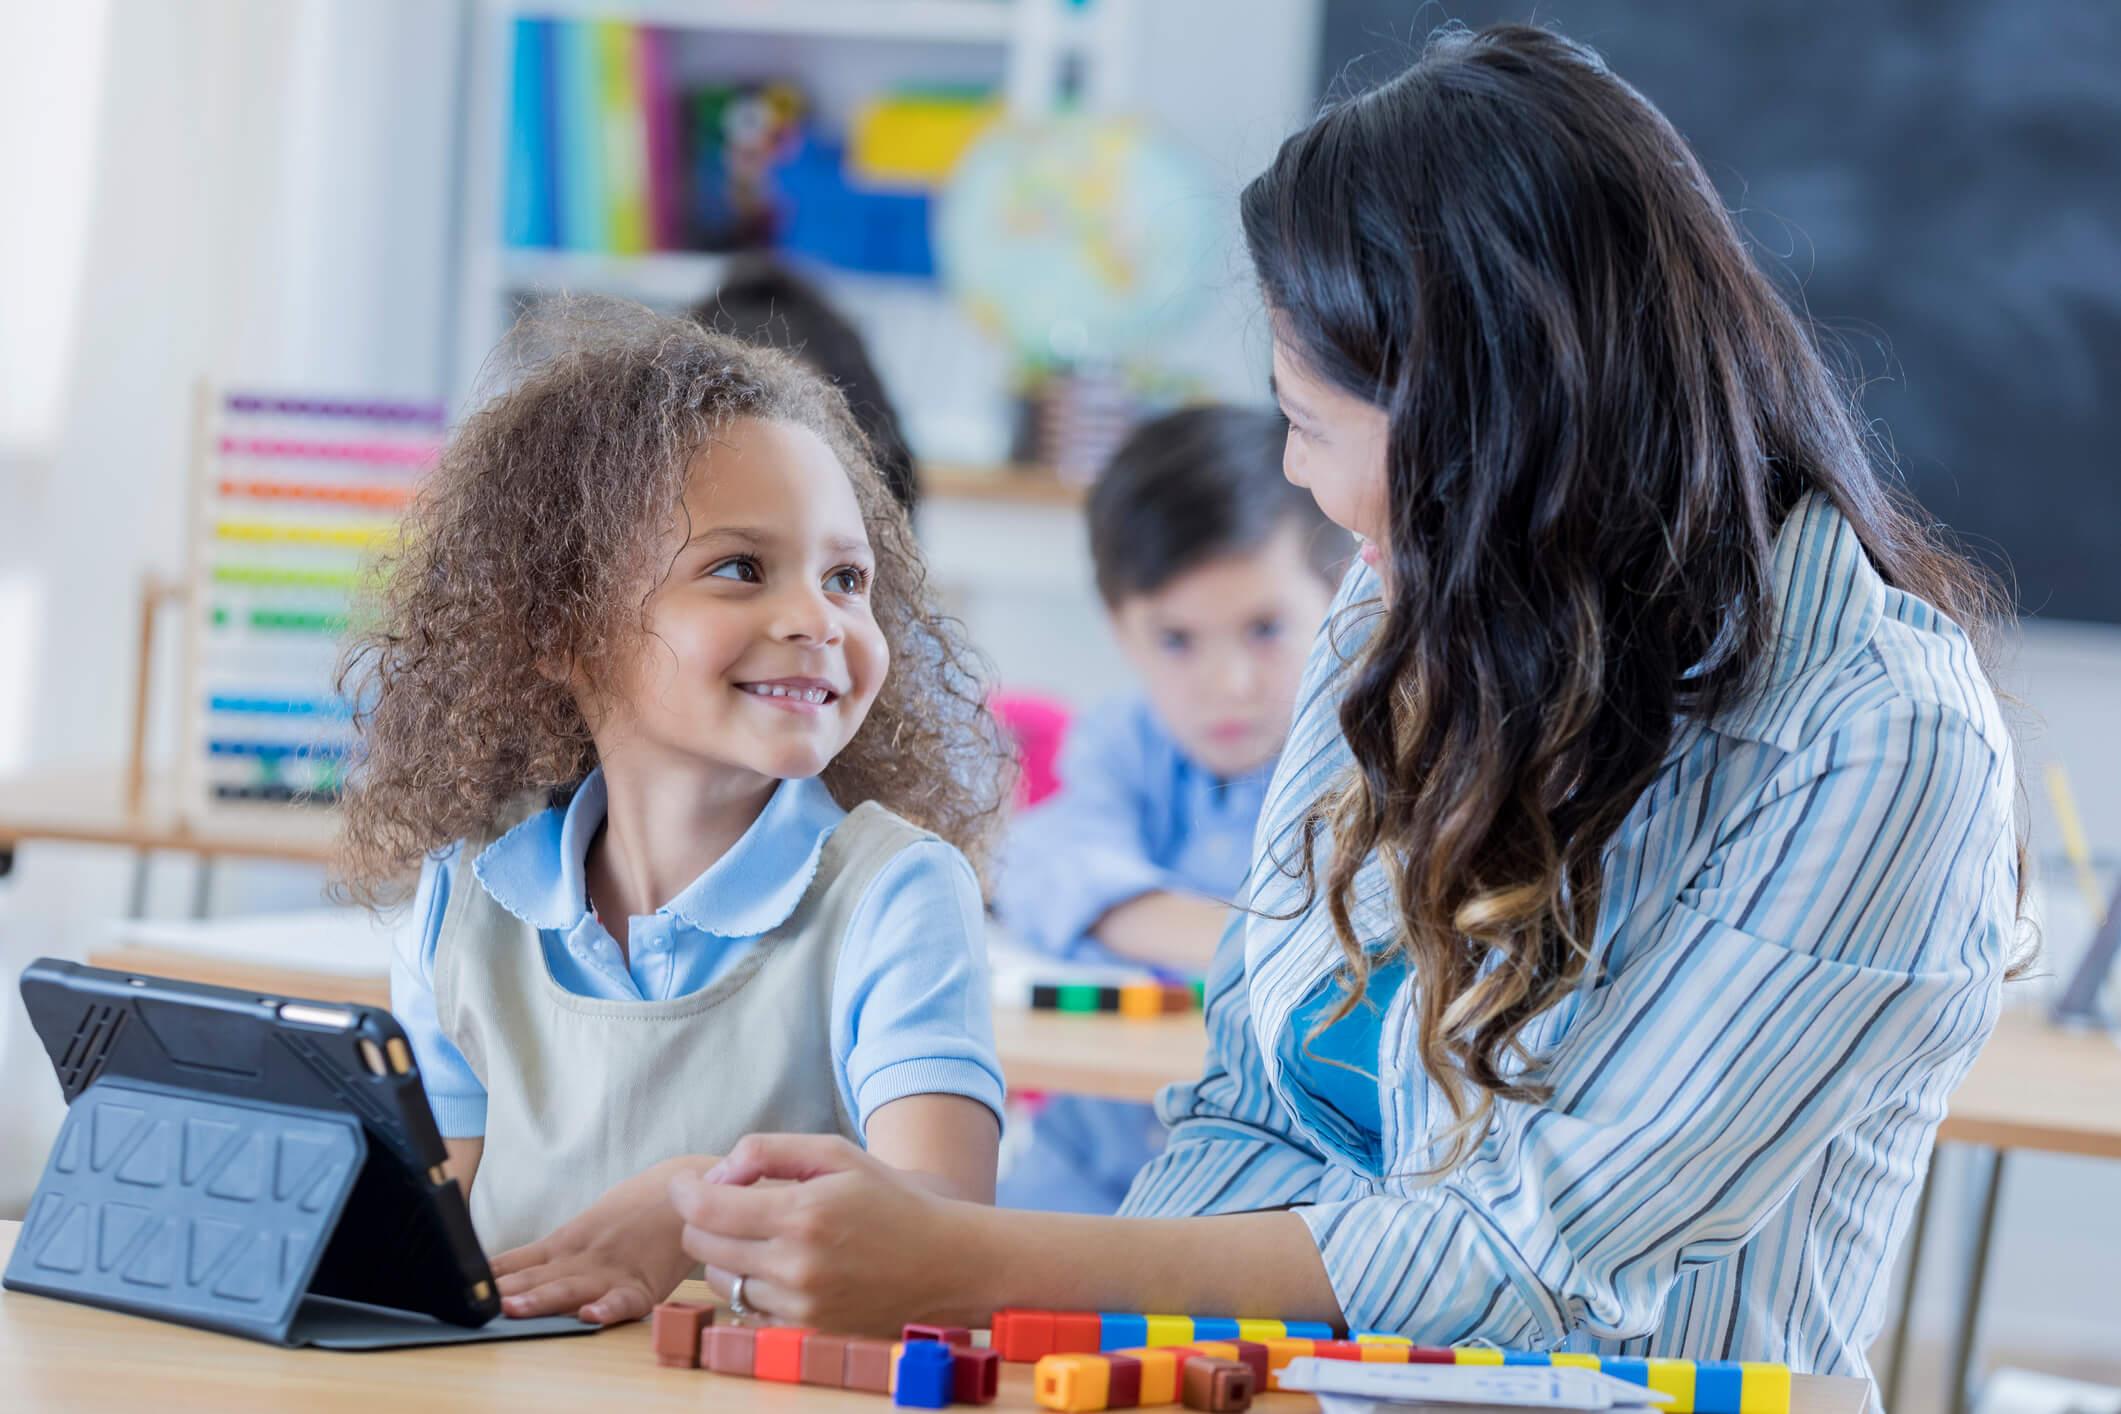 Tecnologia na educação: 5 recursos utilizados na sala de aula